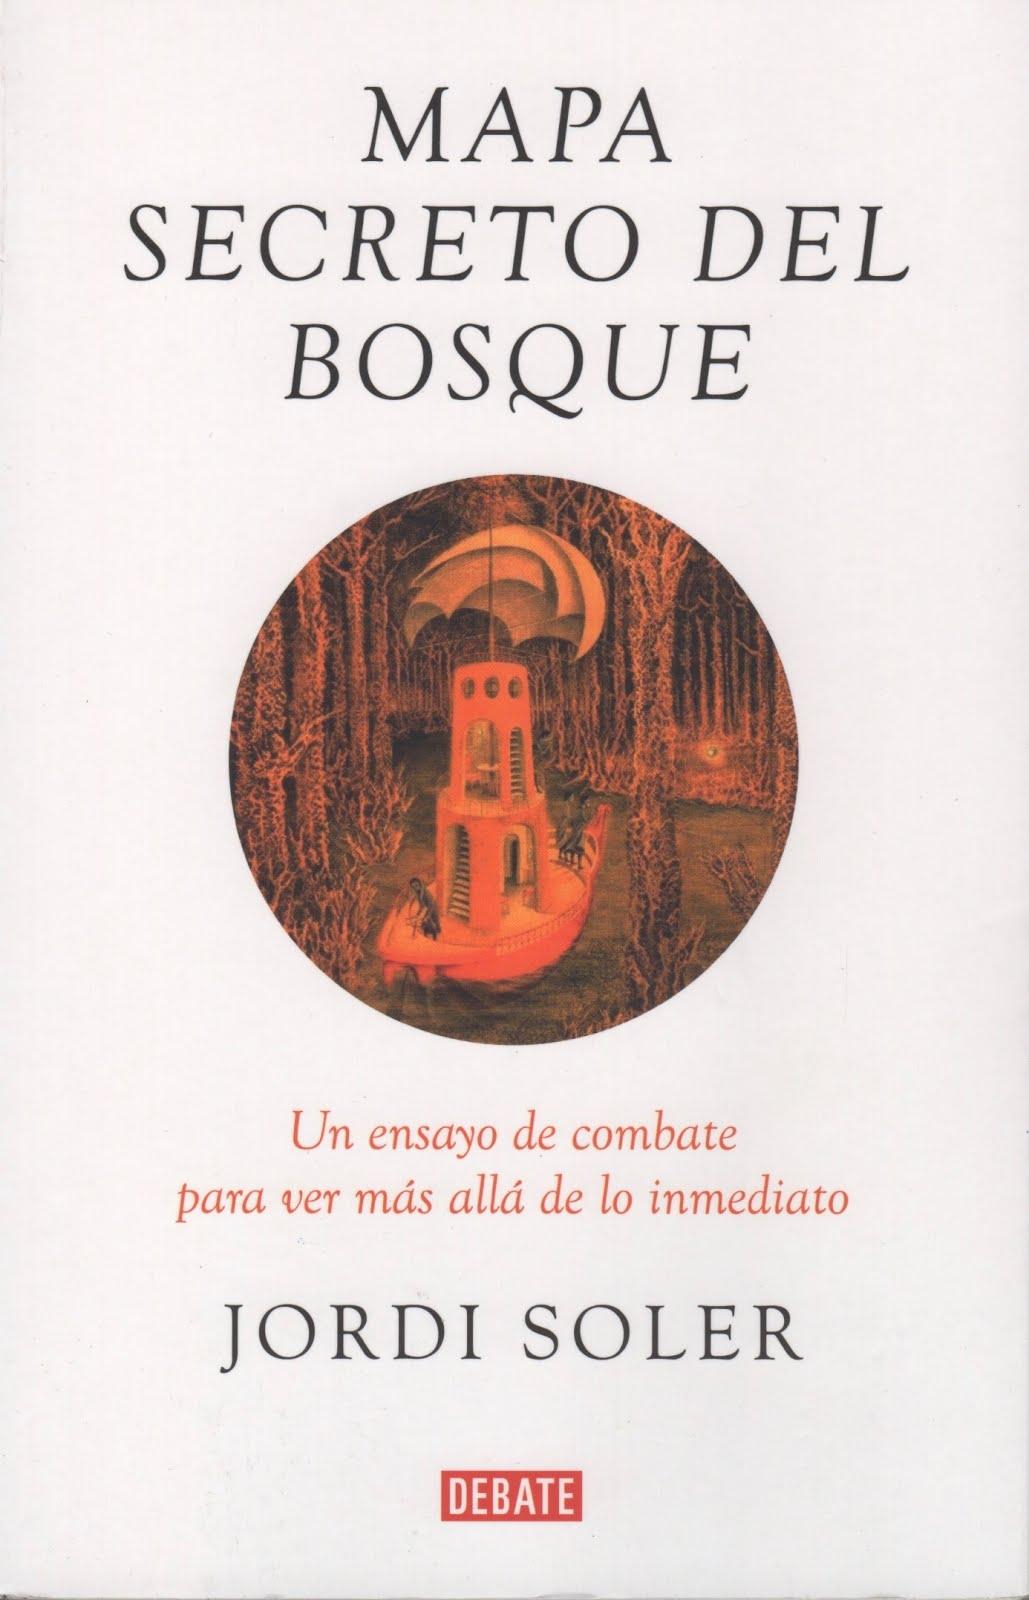 Jordi Soler (Mapa secreto del bosque) Un ensayo de combate para ver más allá de lo inmediato